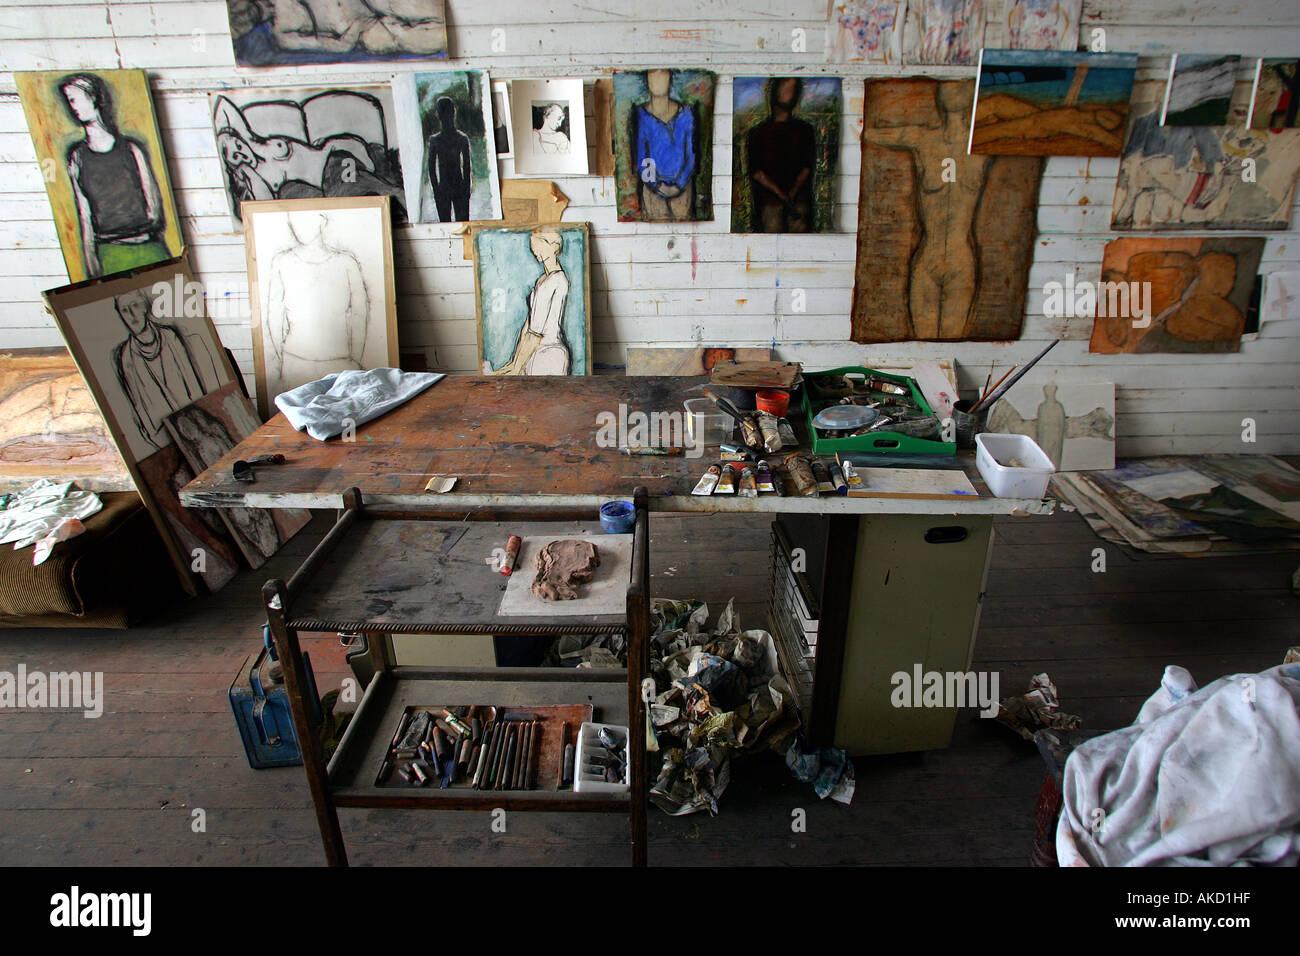 St Ives estudios de artistas en Porthmeor Beach en Cornwall, Inglaterra, Reino Unido. Imagen De Stock